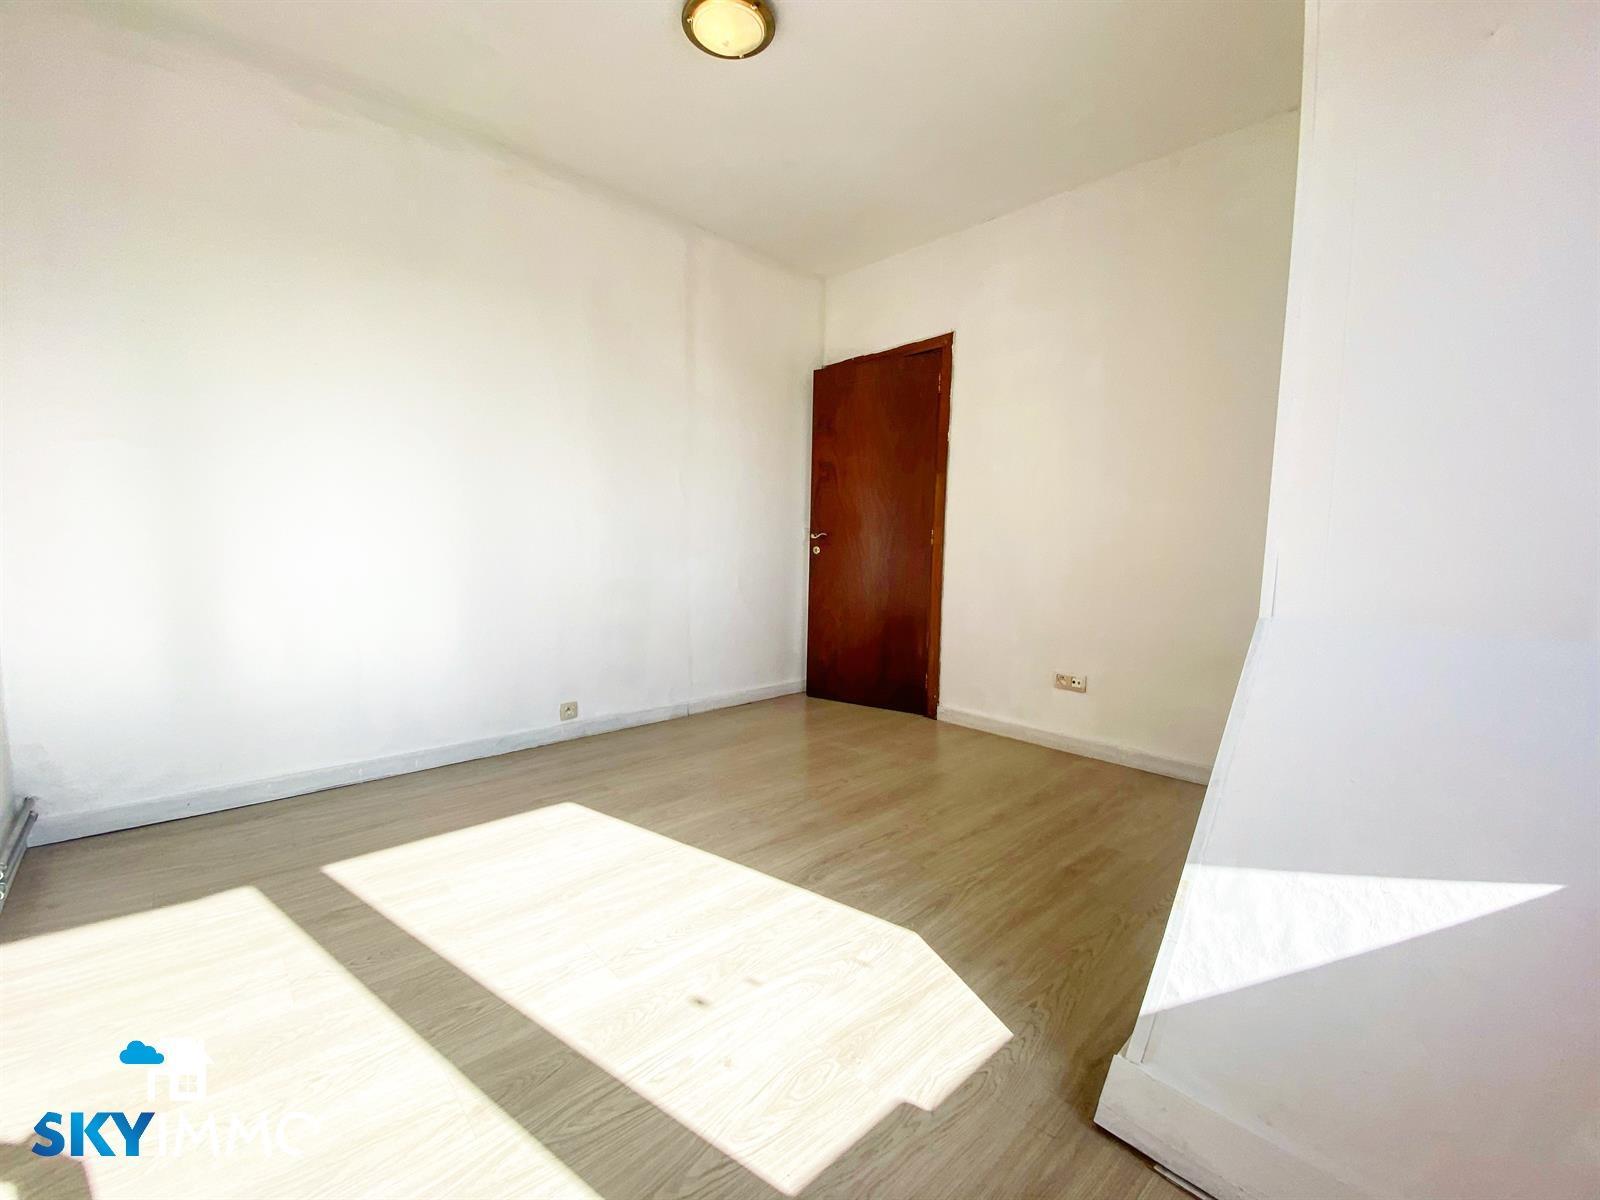 Bel-étage - Flemalle - #4295119-12